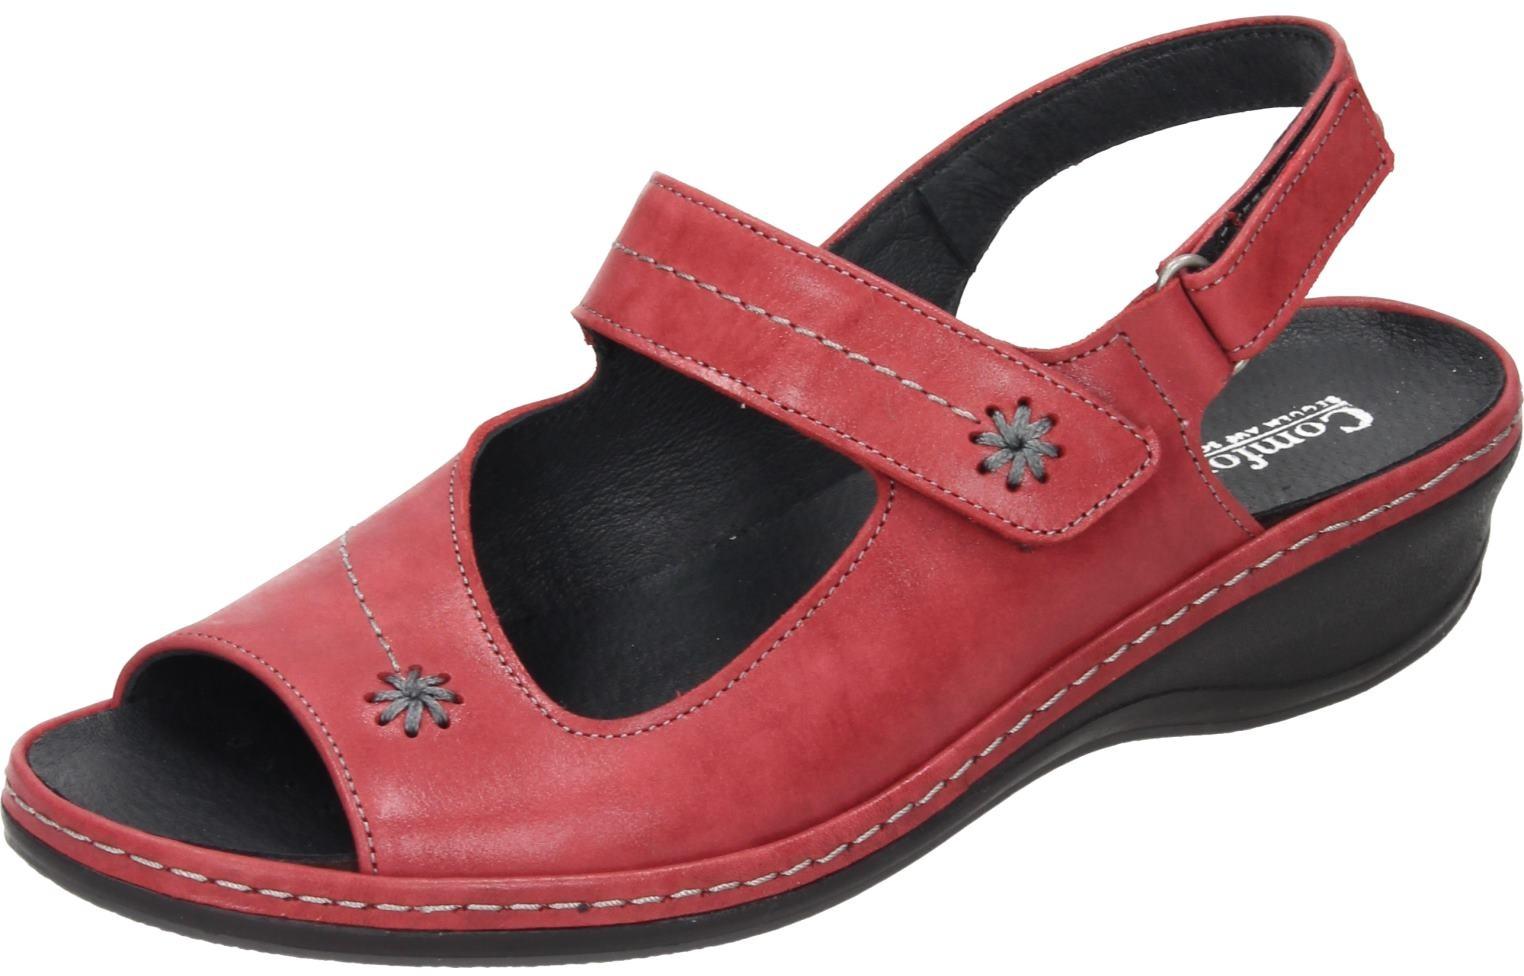 Comfortabel Damen Schuhe Damen-Sandale rot Leder 710874  | Öffnen Sie das Interesse und die Innovation Ihres Kindes, aber auch die Unschuld von Kindern, kindlich, glücklich